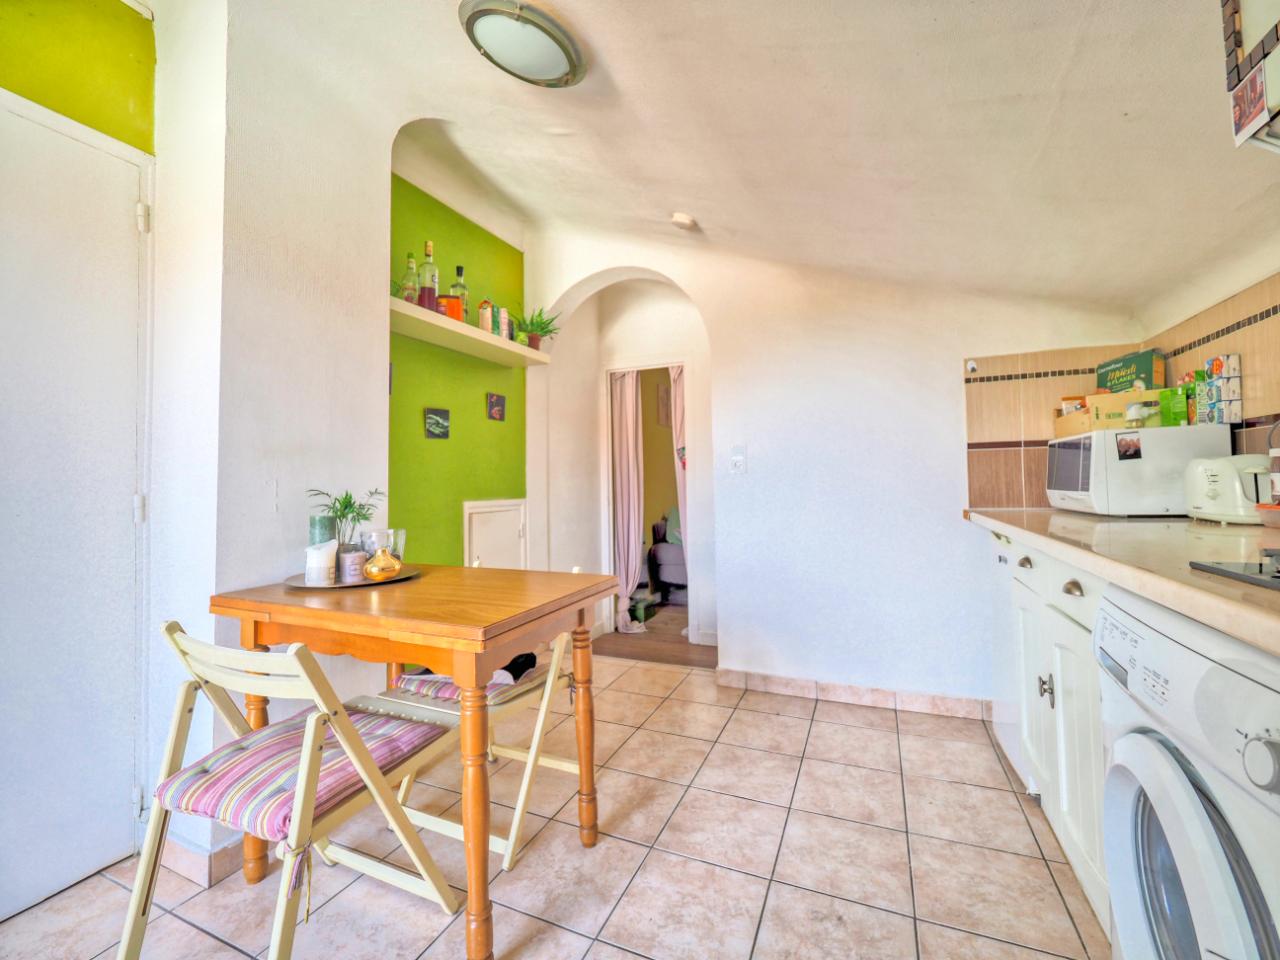 Vente appartement T1  à SAINT JEAN DE LUZ - 2